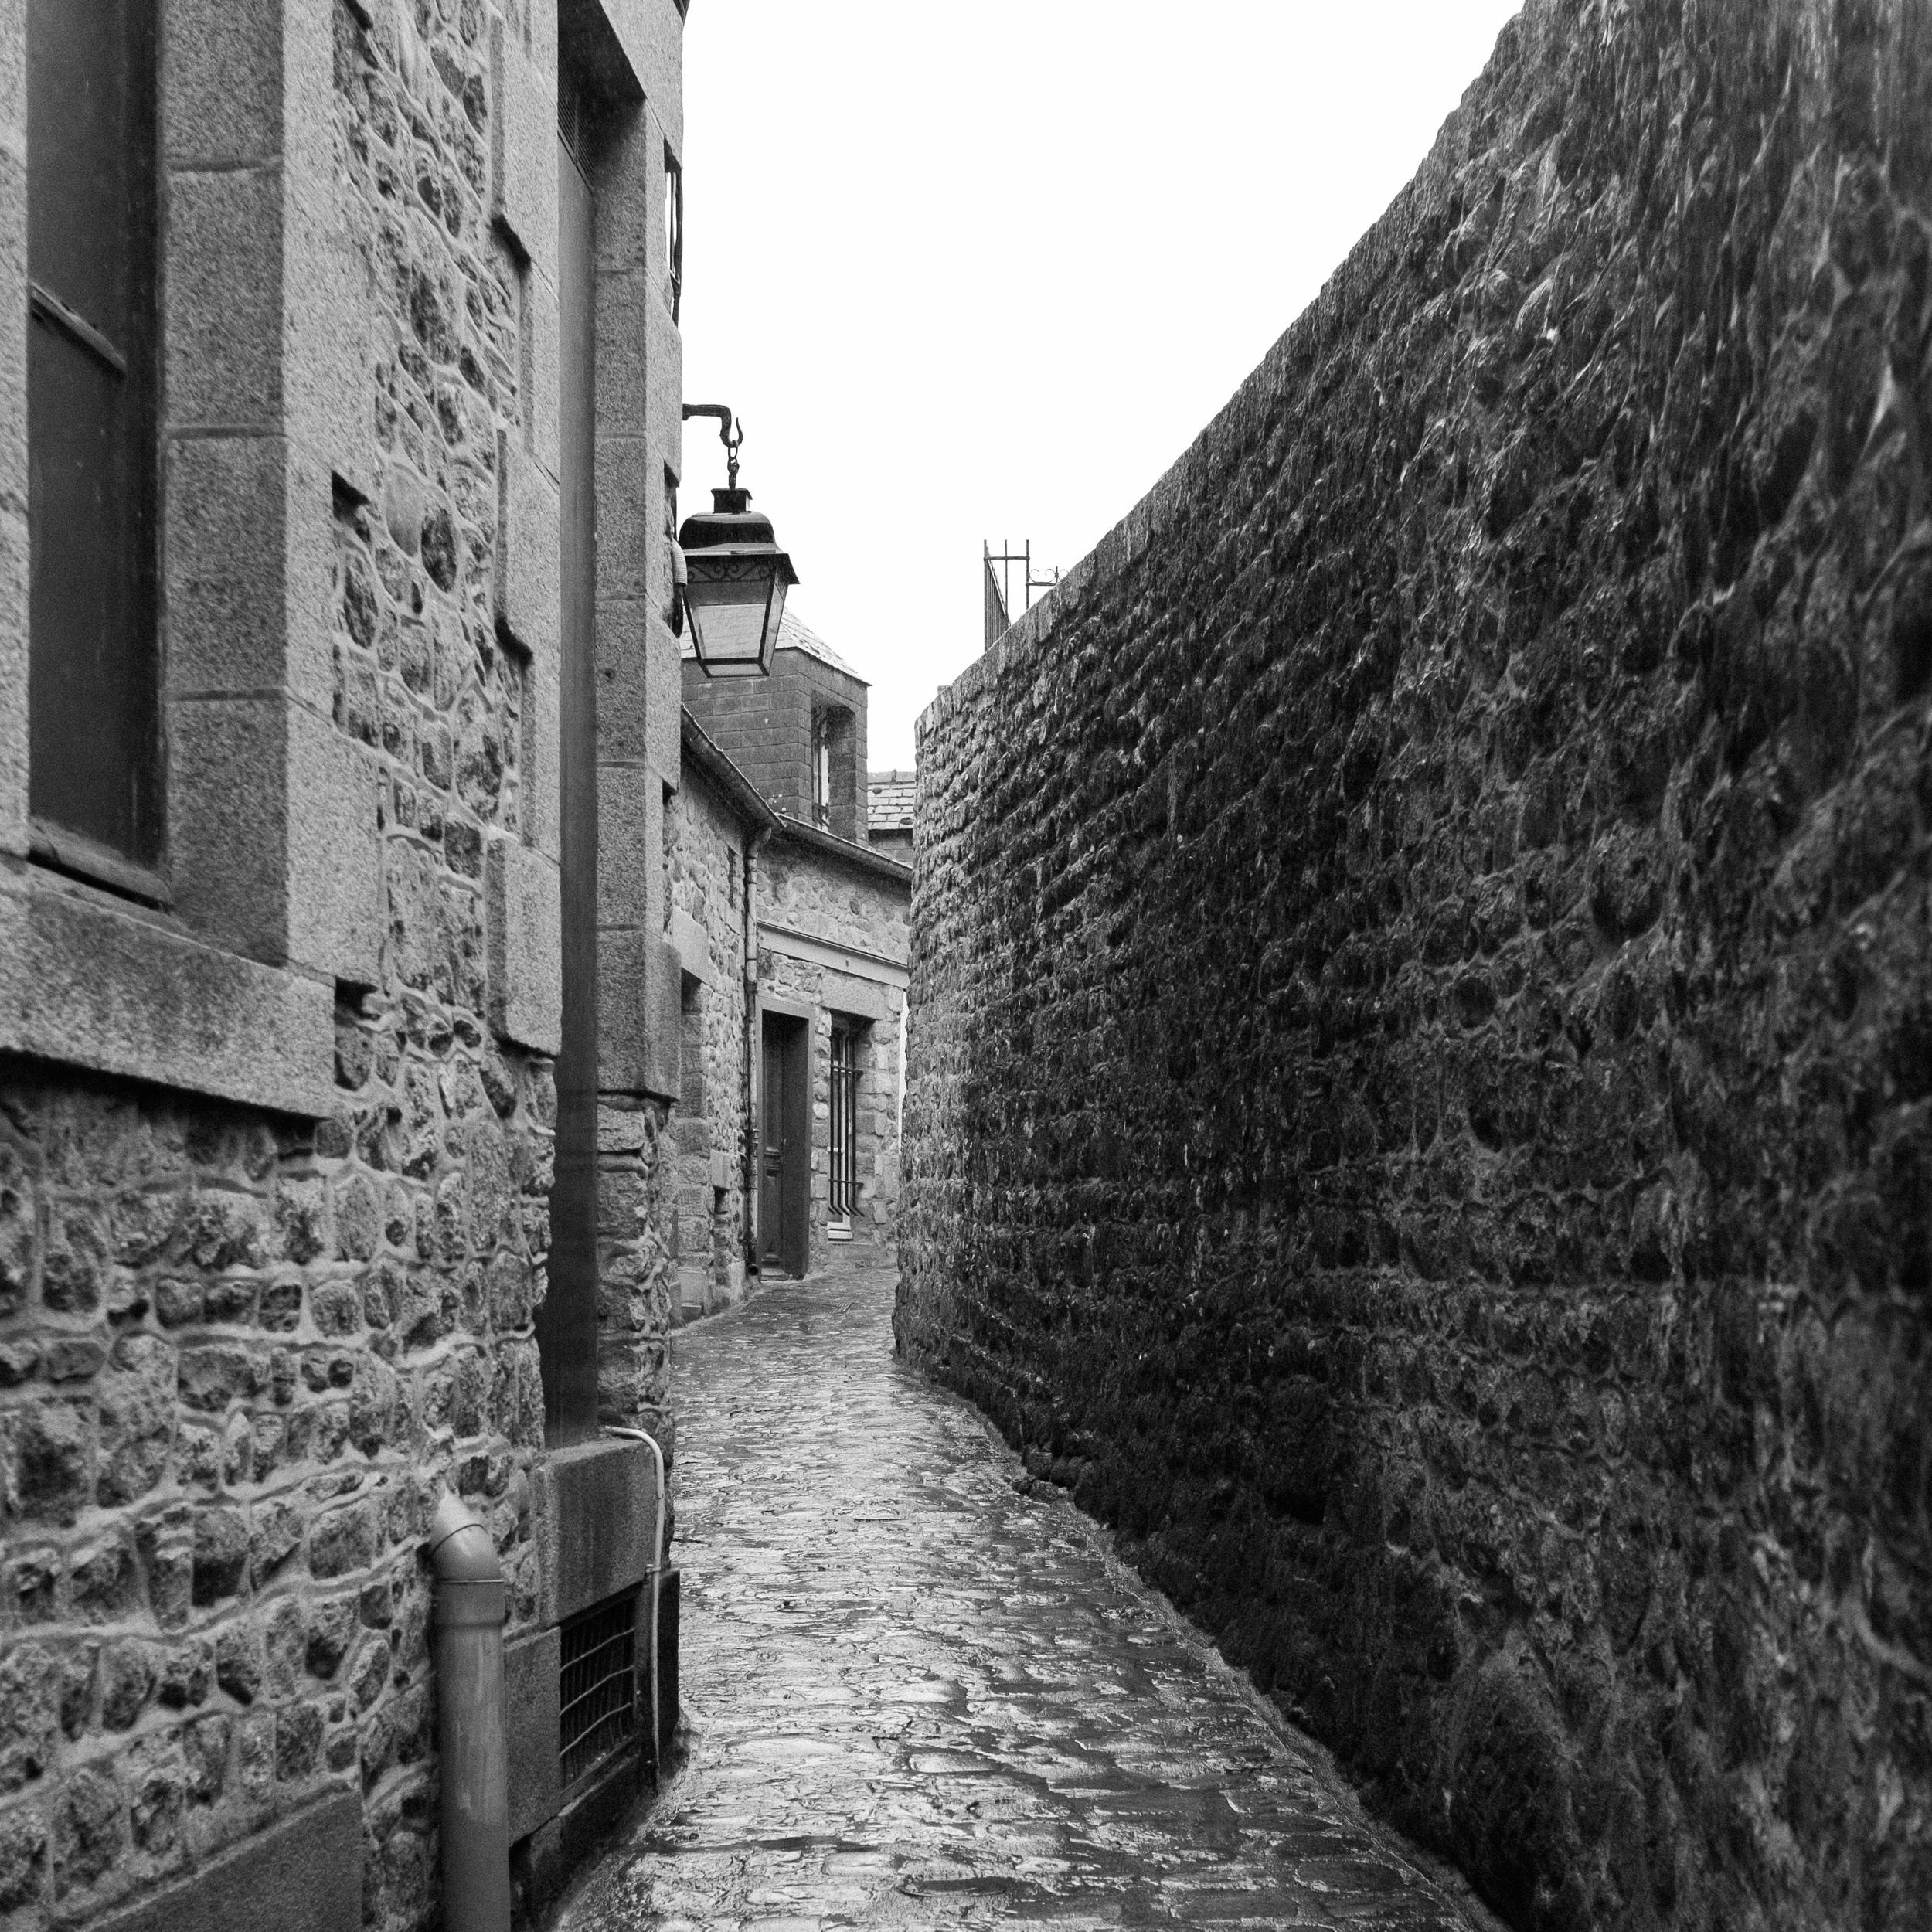 london-britian-cambridge-stmalo-mont-saint-michel-france-normandy-paris-063.jpg